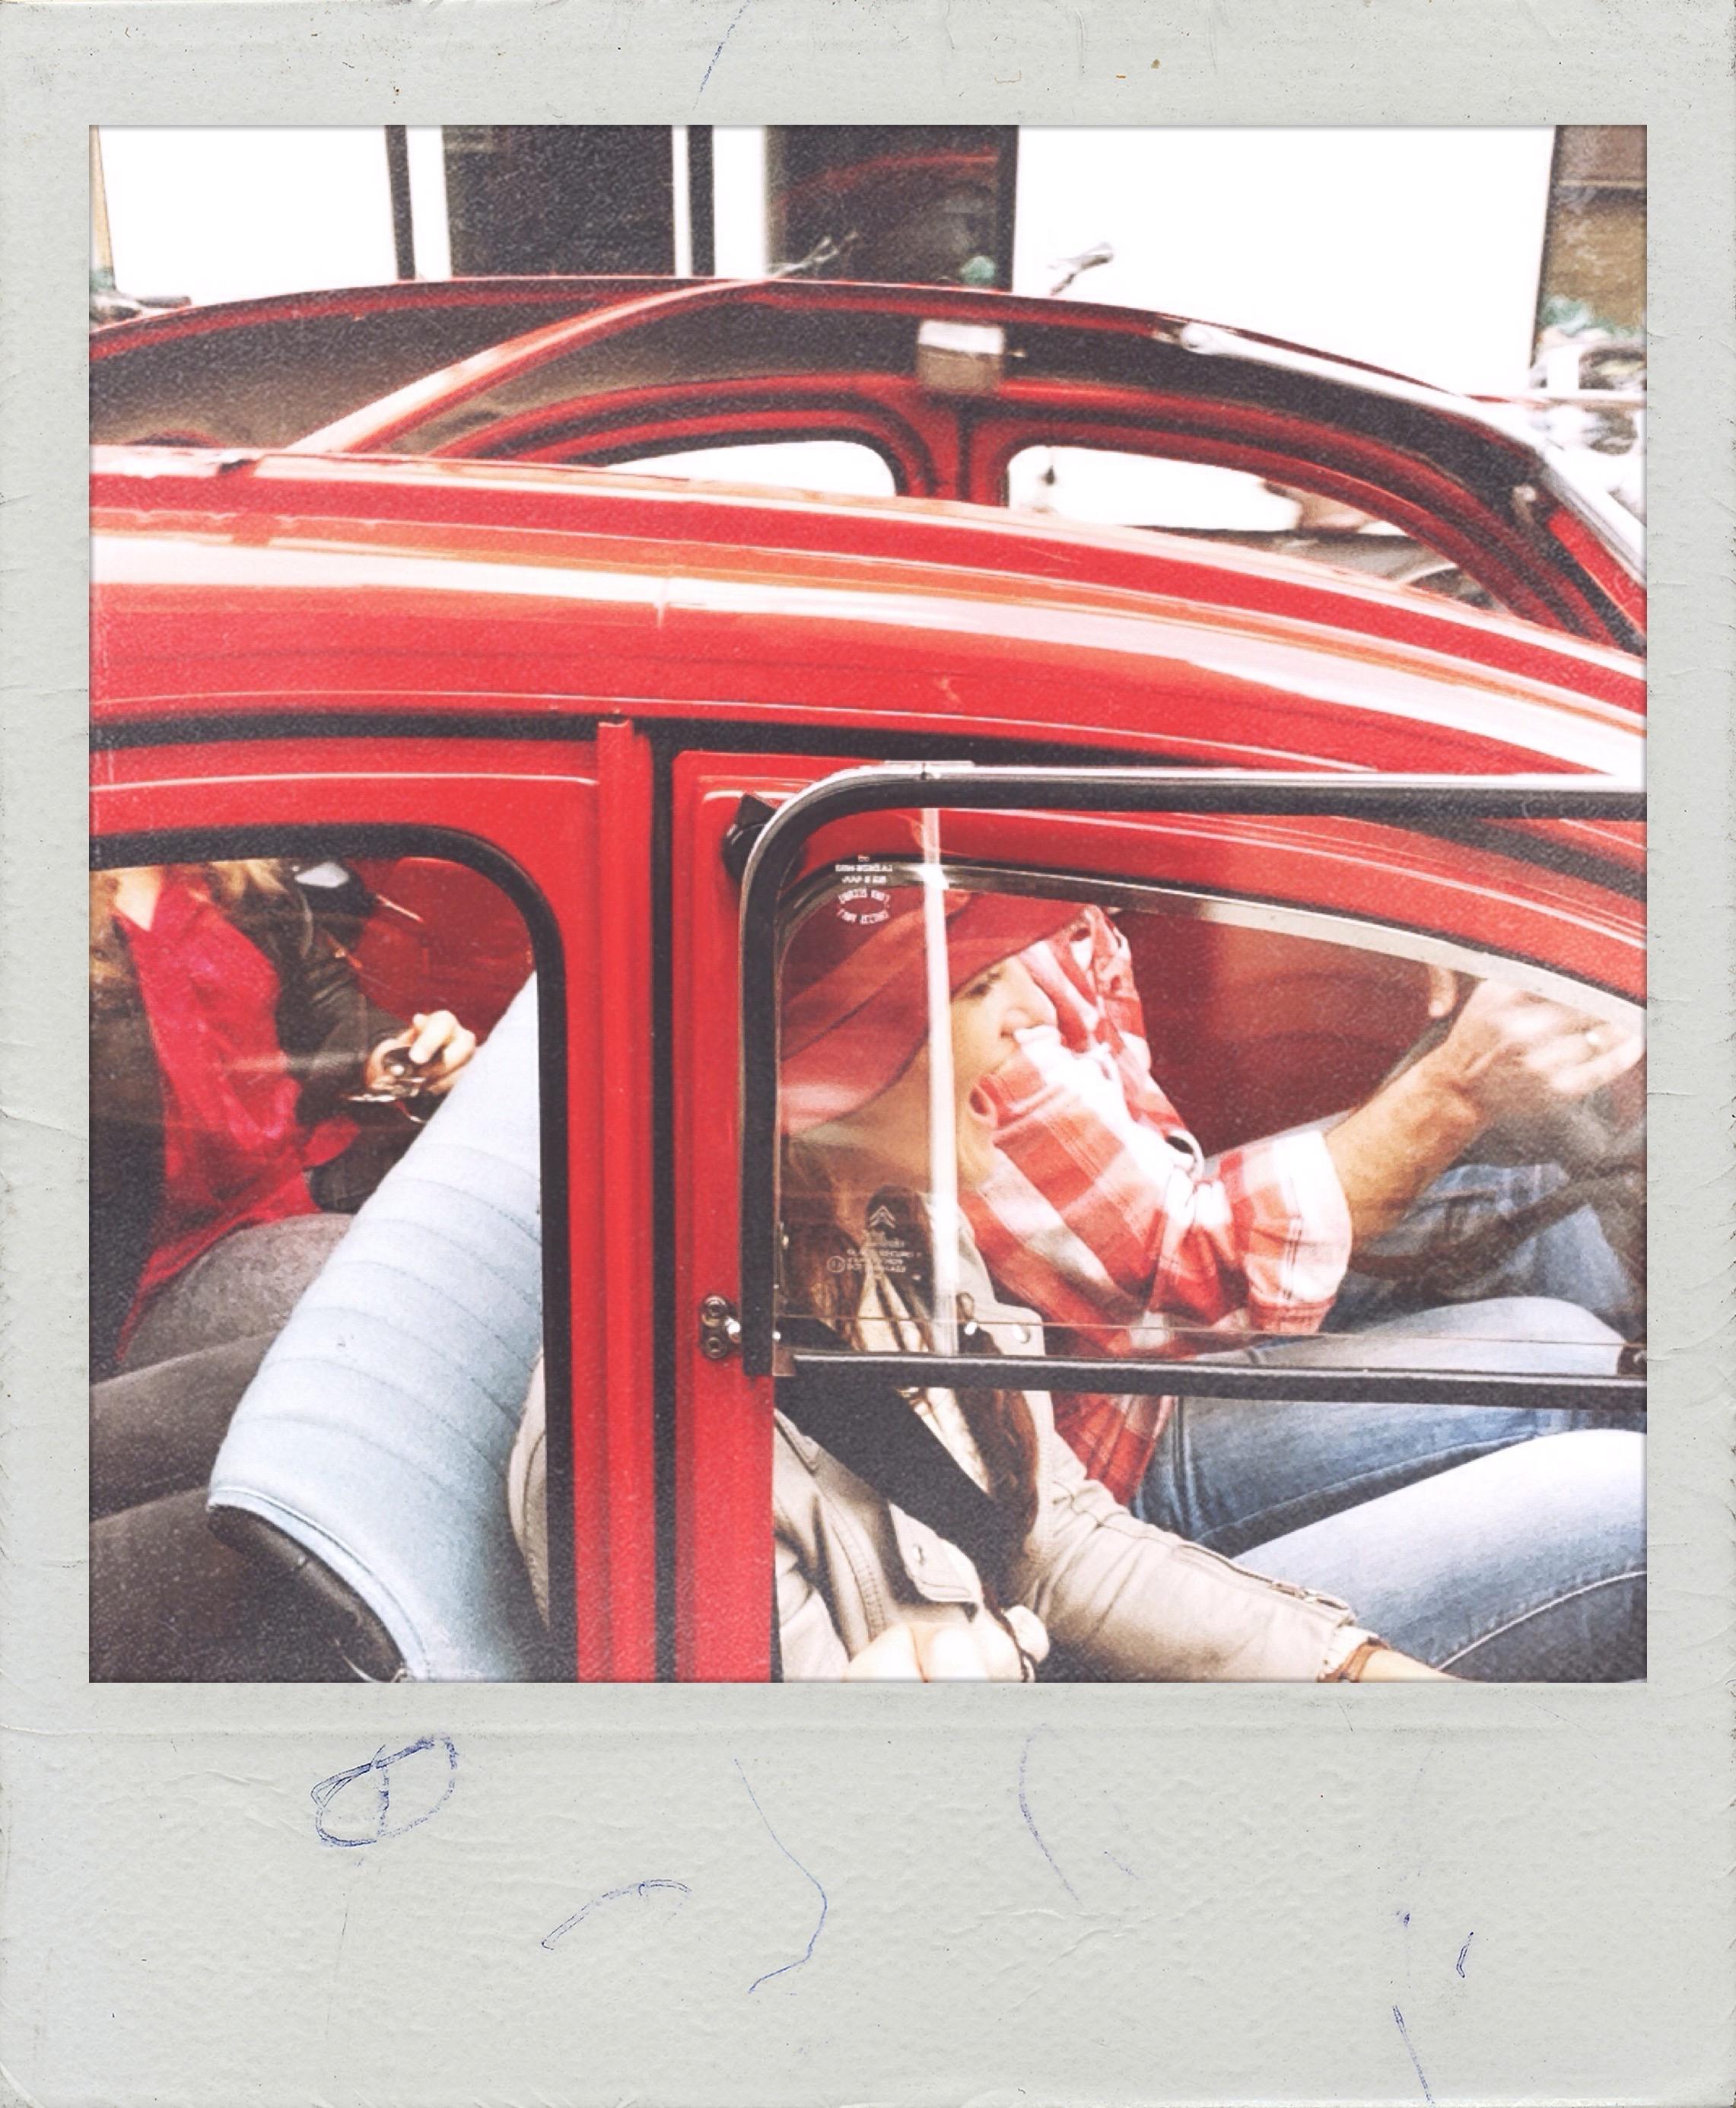 Polaroid Wall 9-7